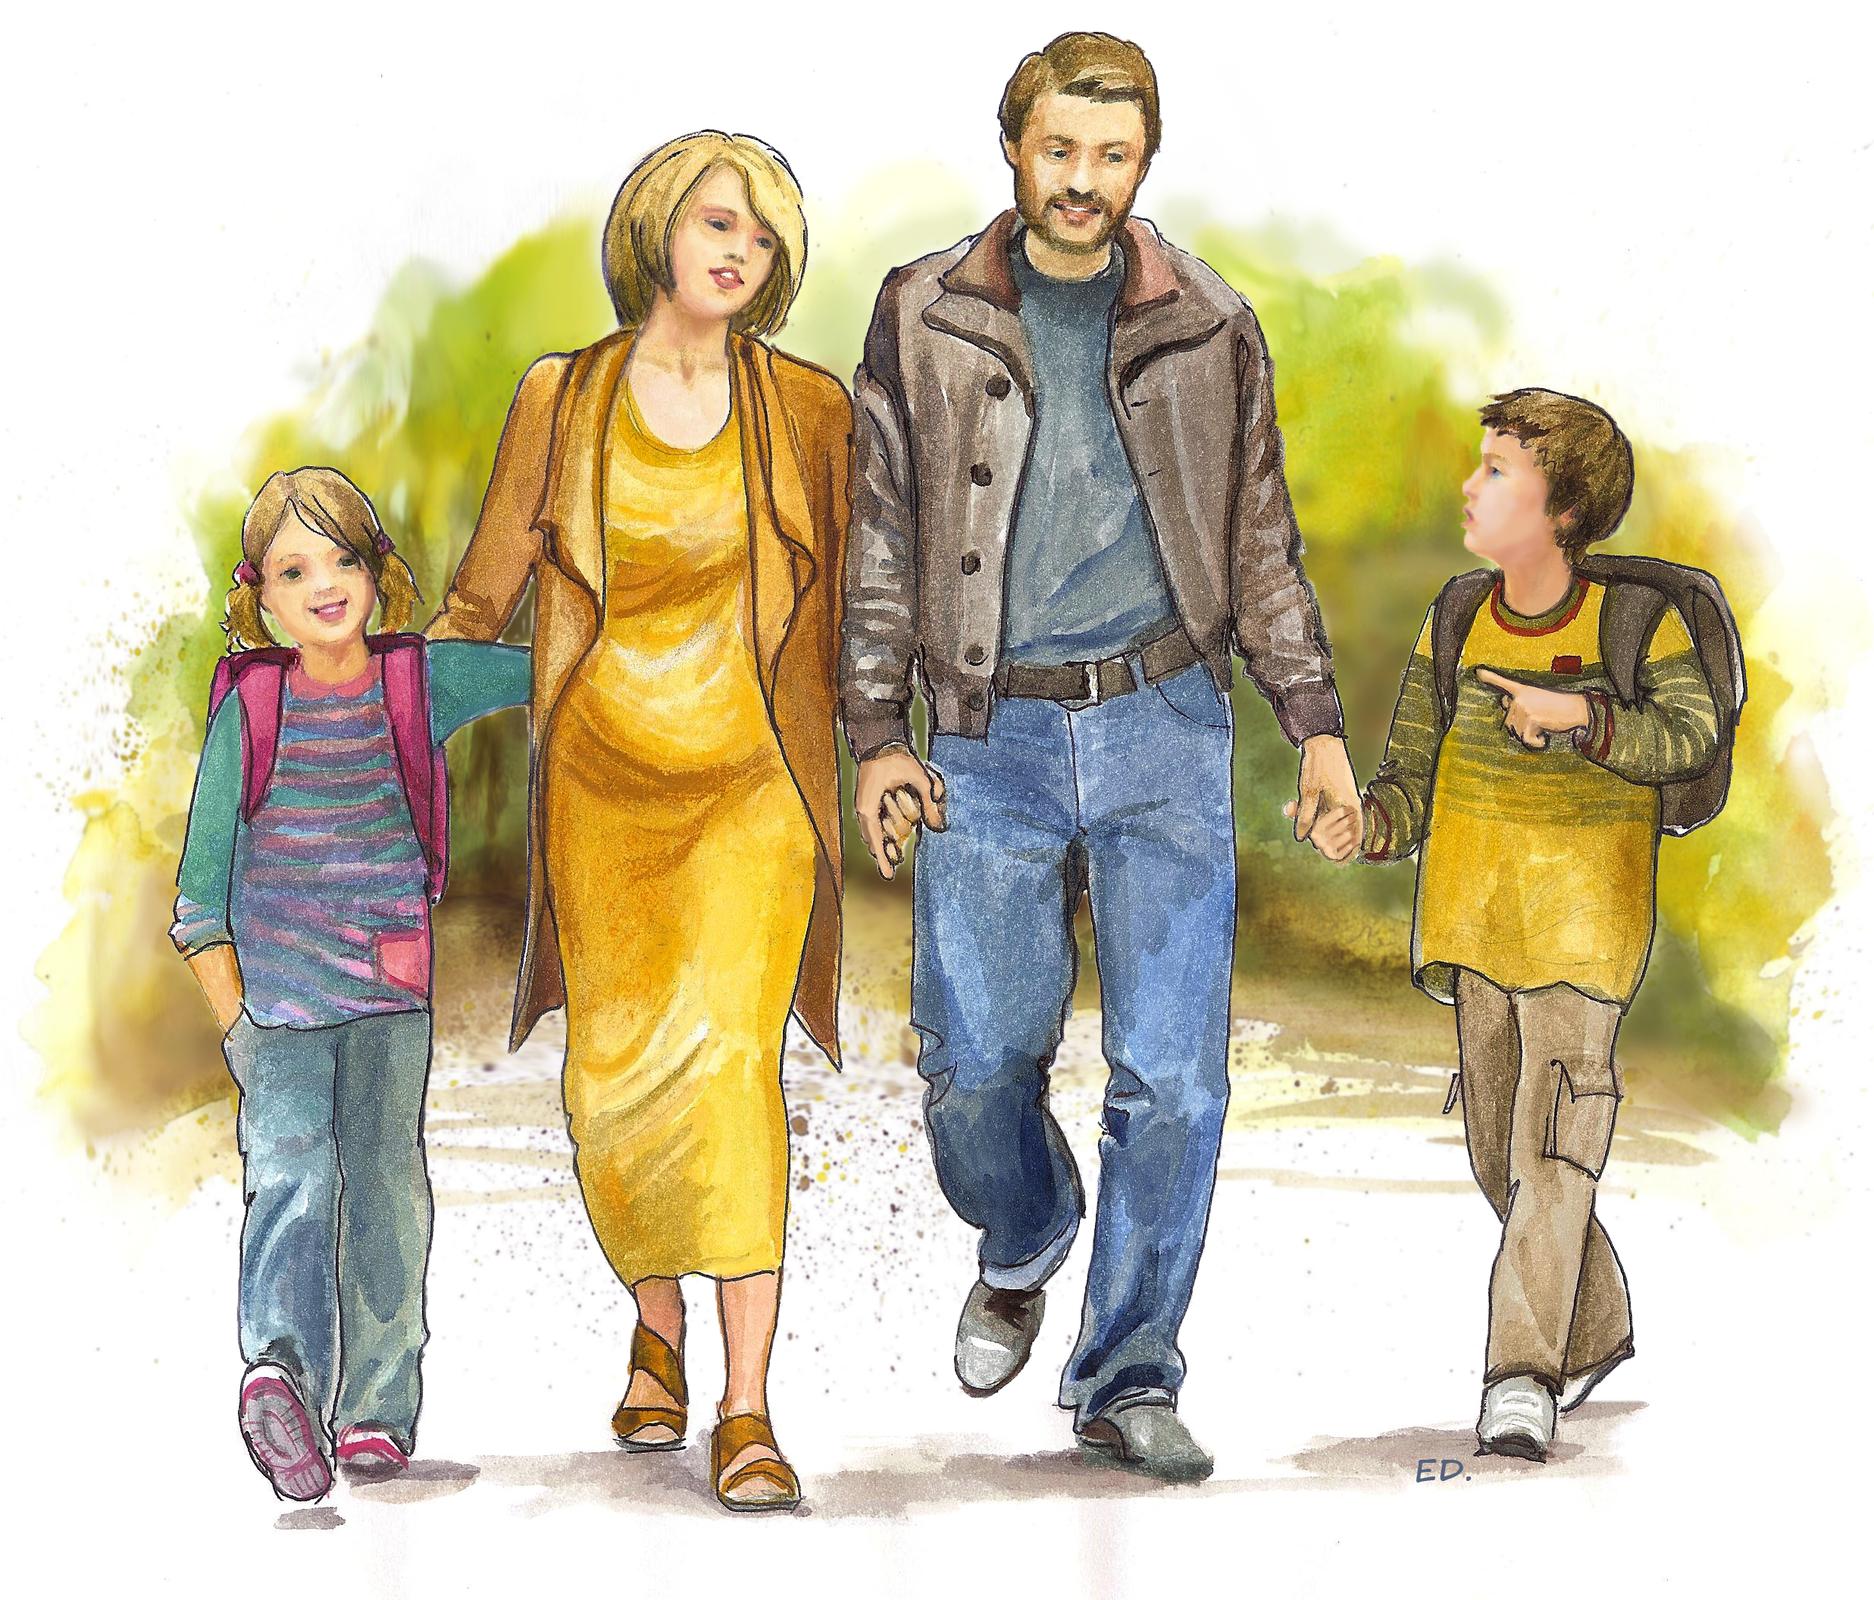 Ilustracja przedstawiająca rodzinny spacer